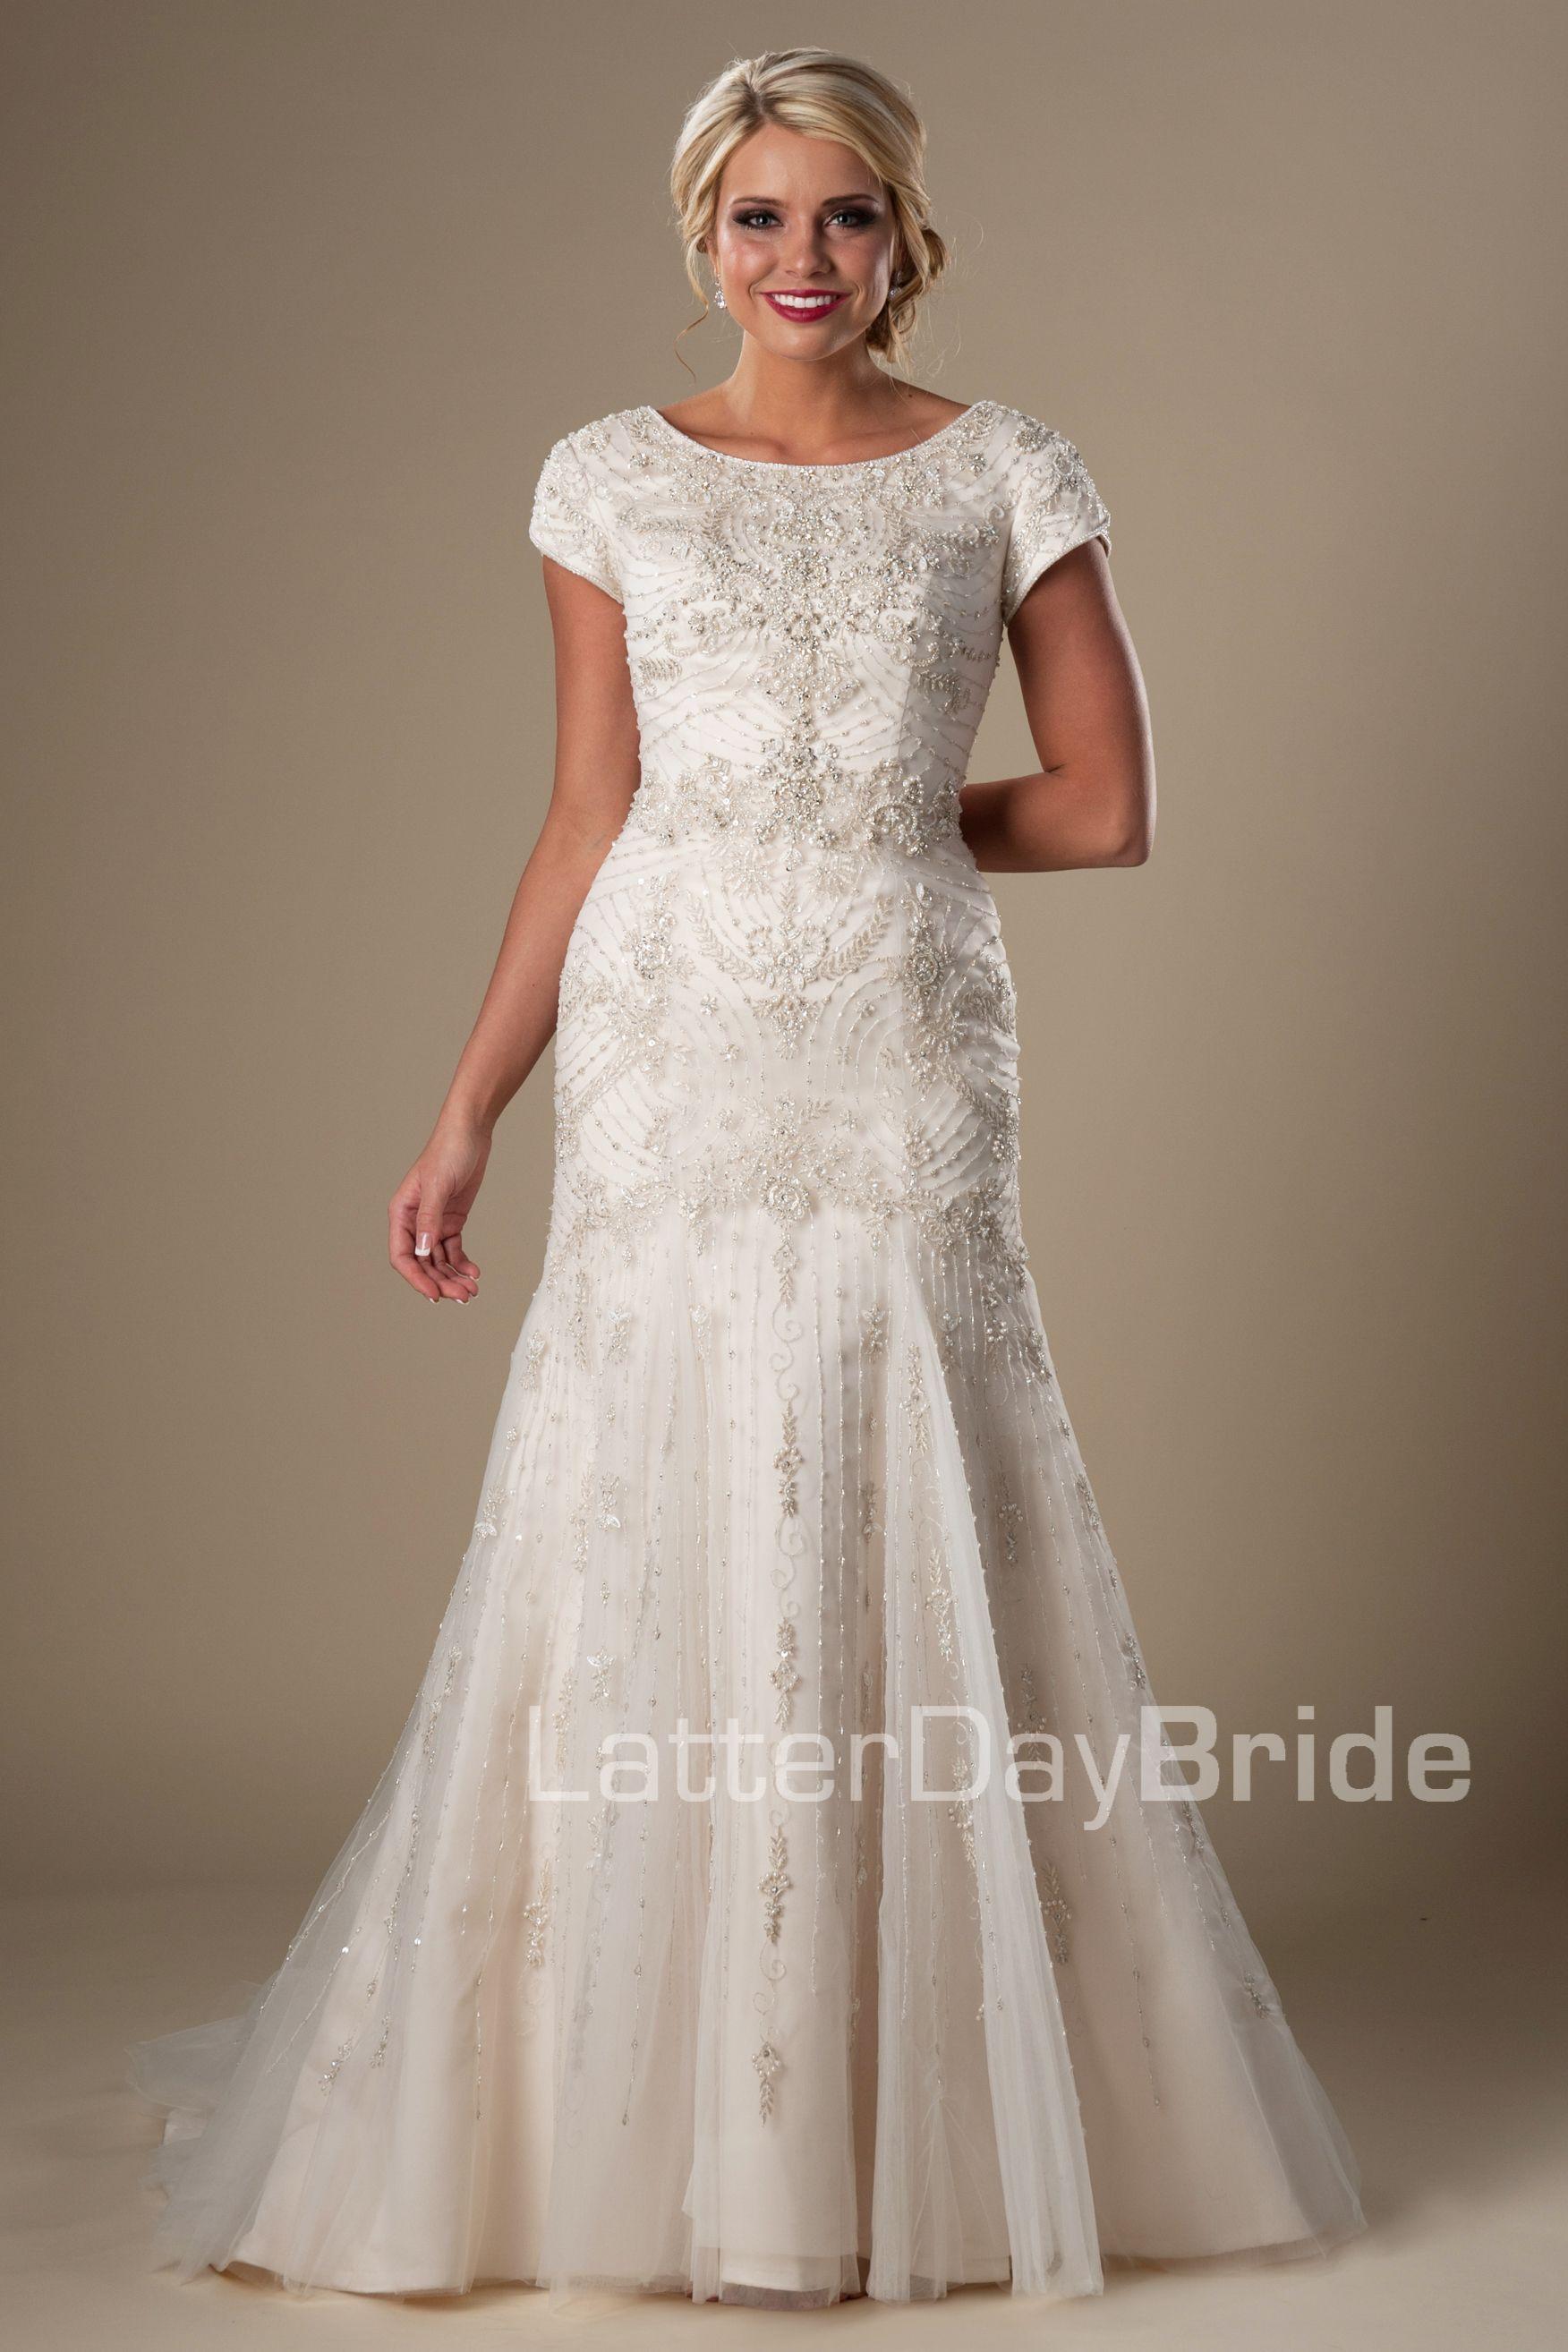 Brautkleid nach Maß aus Edler Spitze mit Schleppe | Brautkleid nach ...